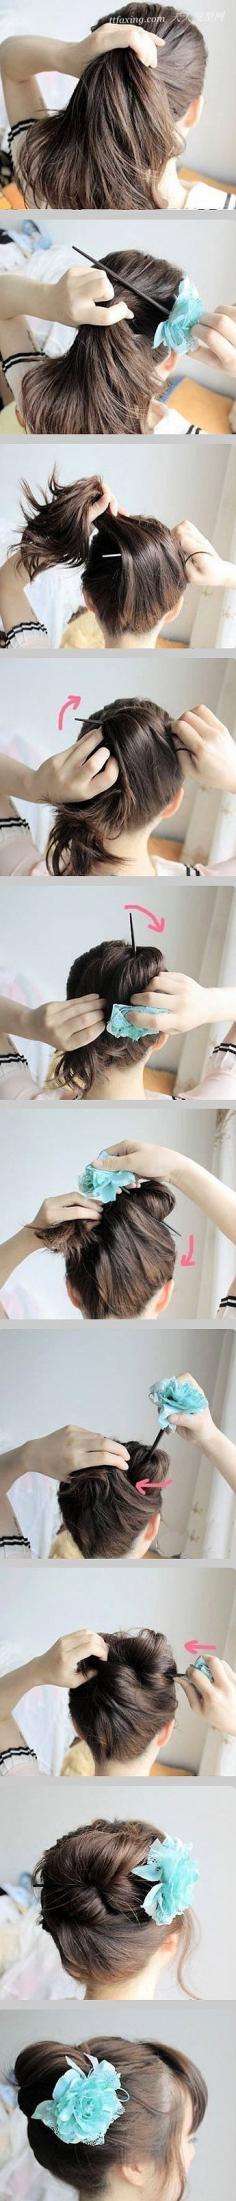 一根簪子打造的盘发造型